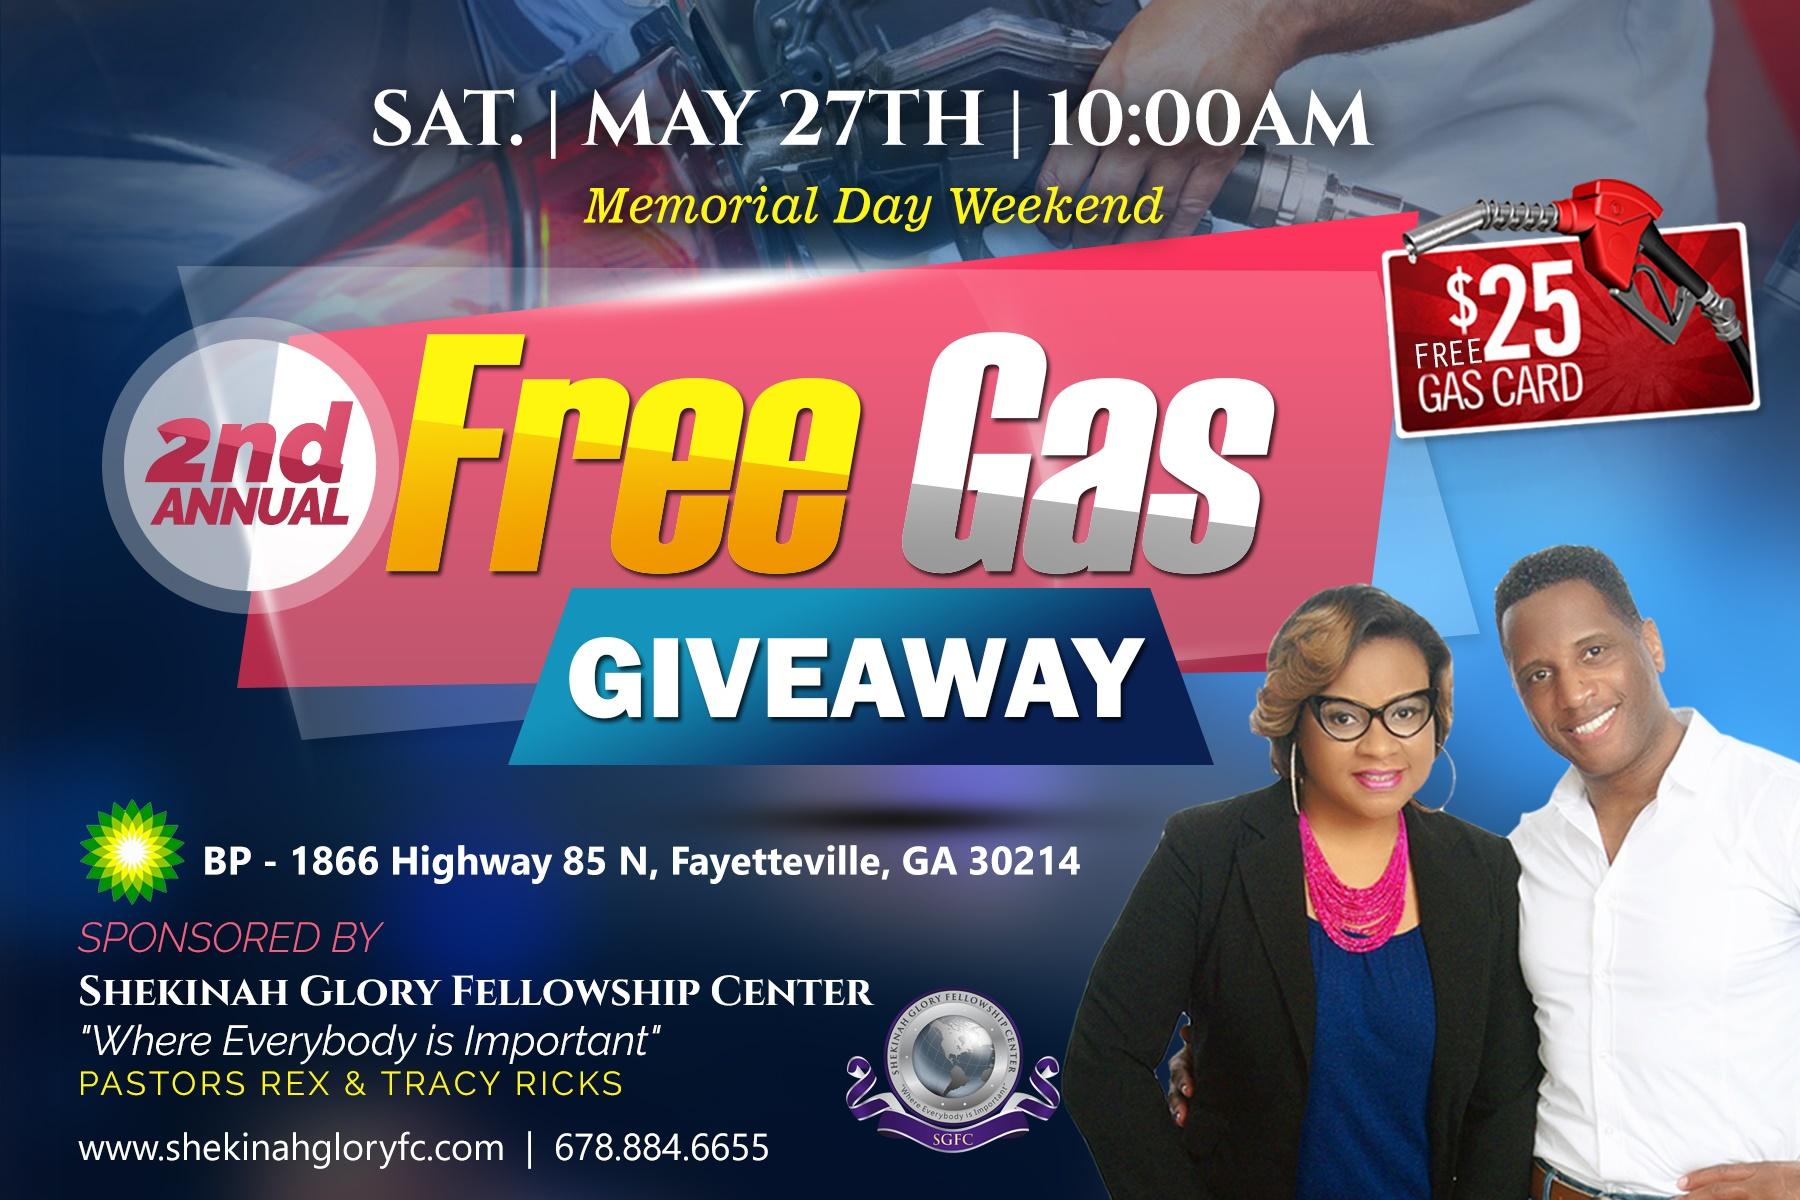 Shekinah Glory Fellowship Center Free Gas Giveaway